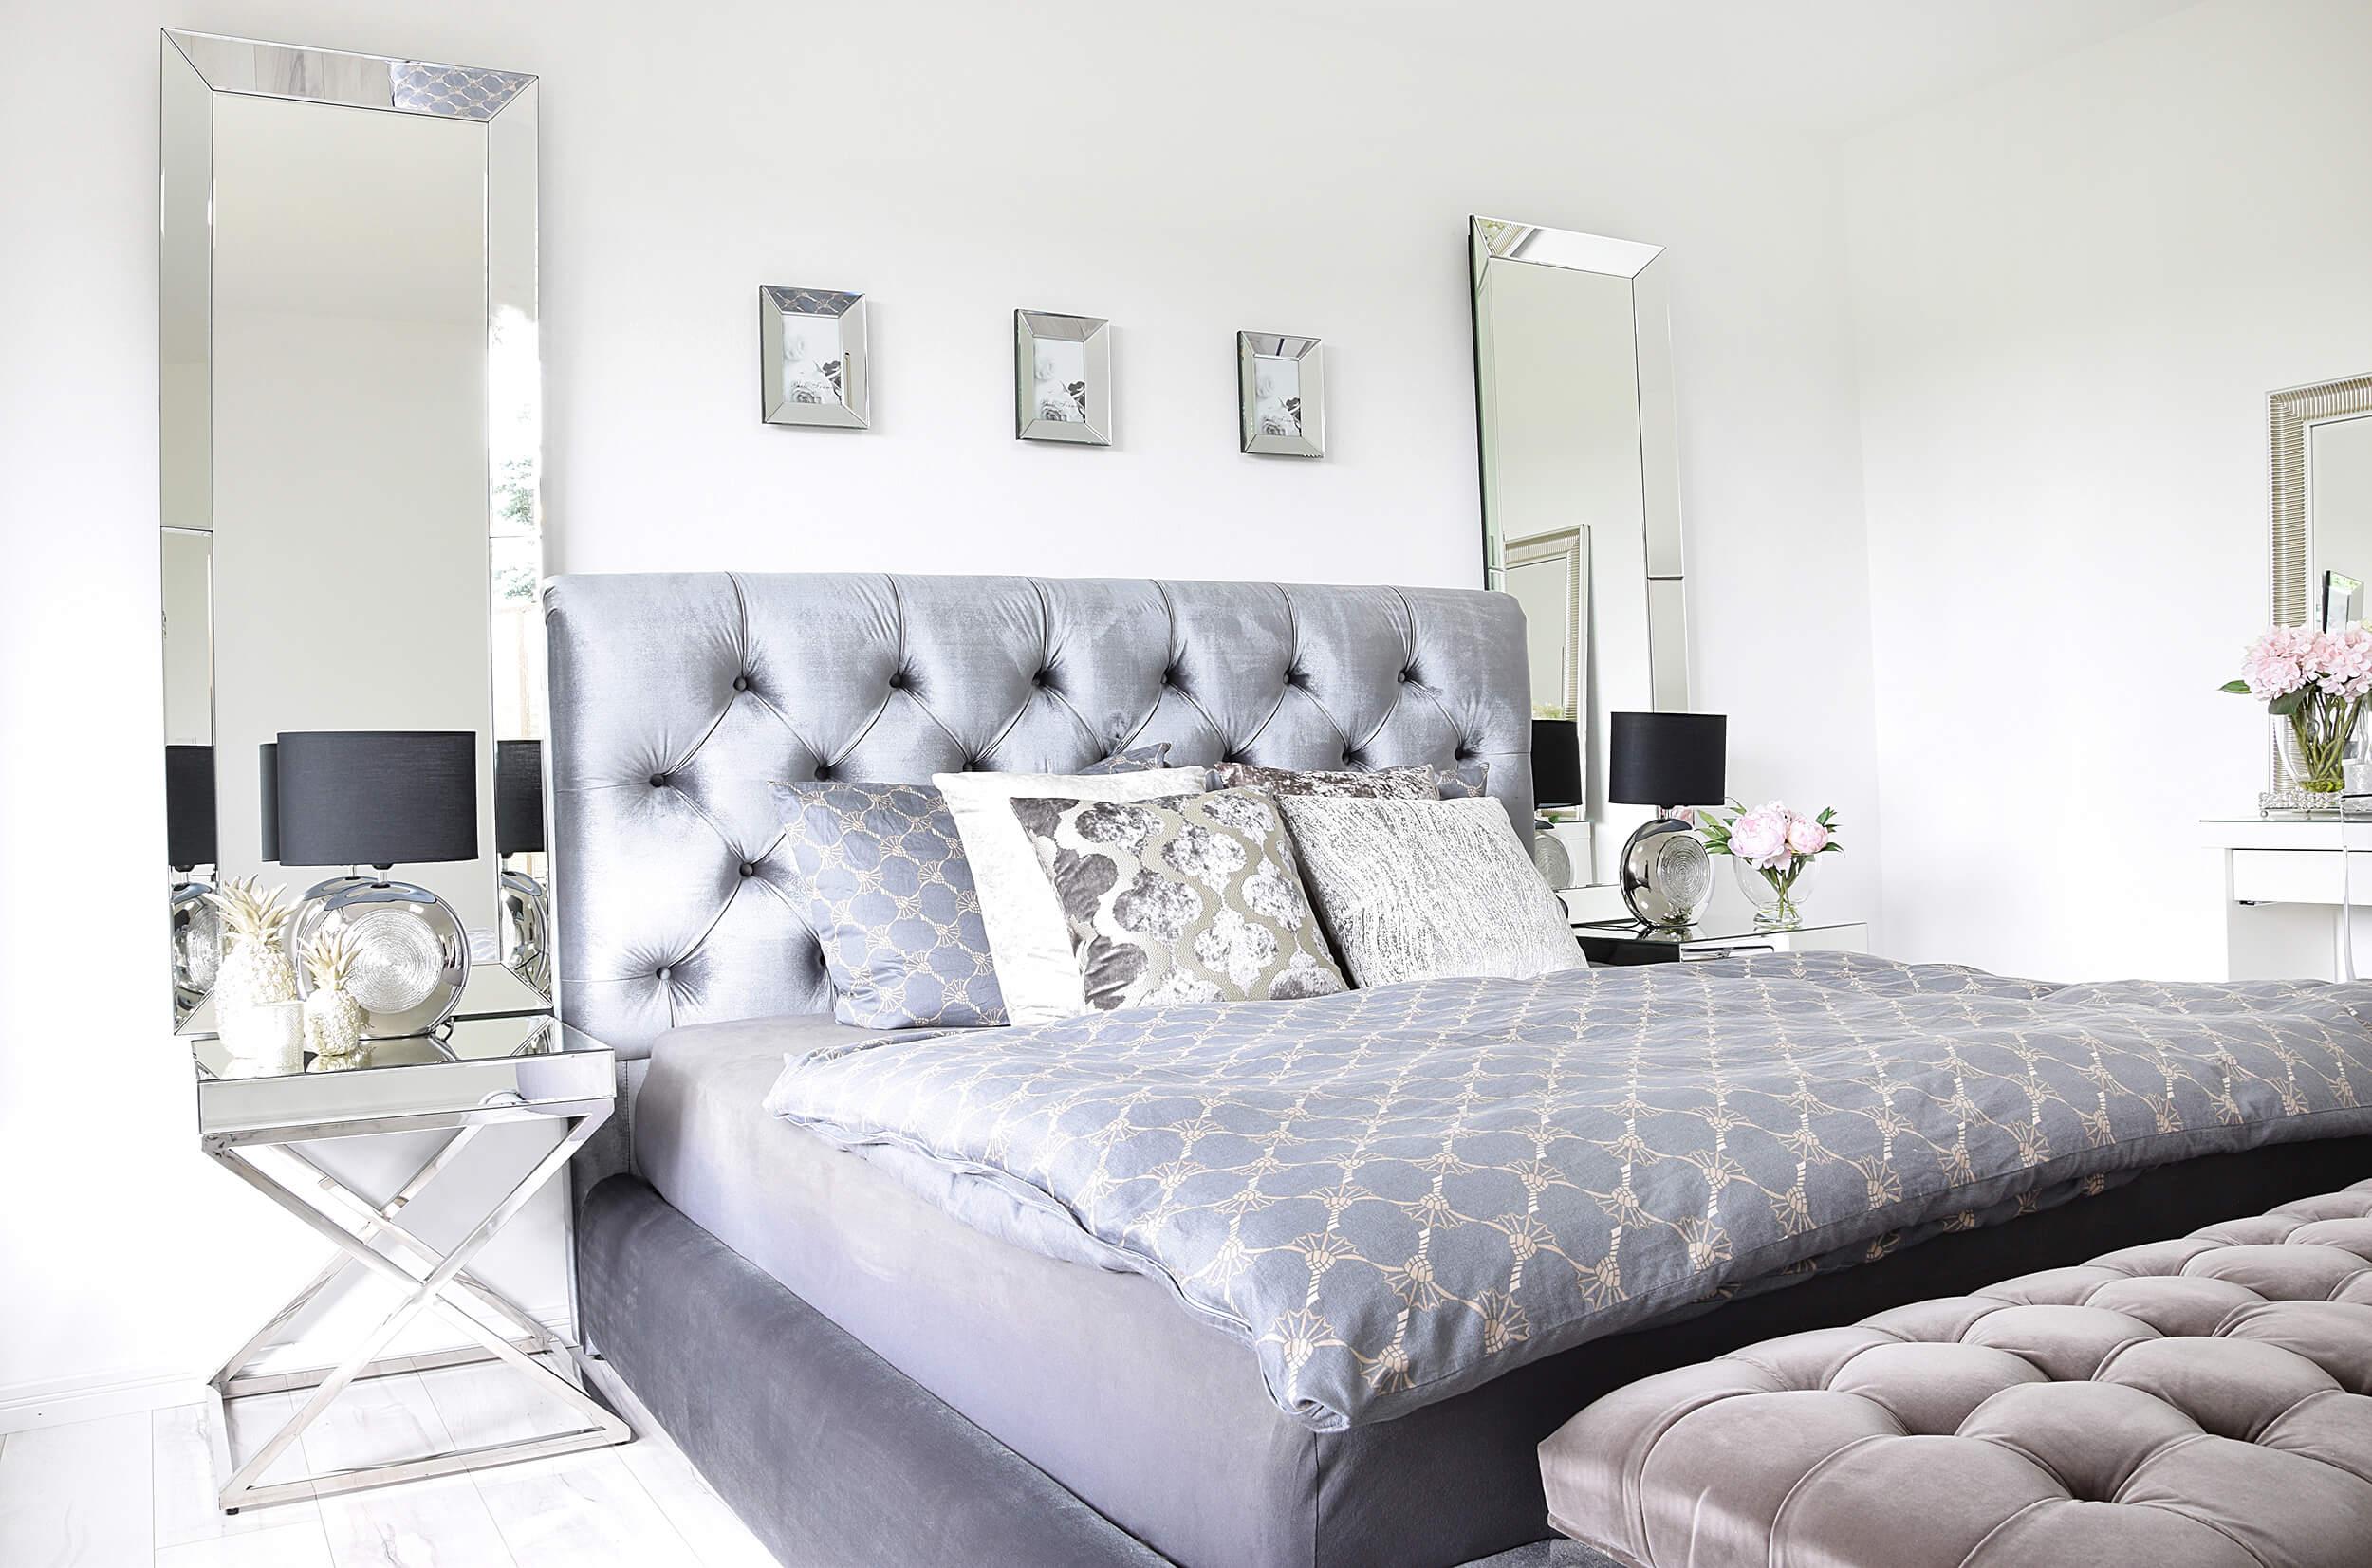 tanja cruz tommy ihr traum schlafzimmer looks. Black Bedroom Furniture Sets. Home Design Ideas